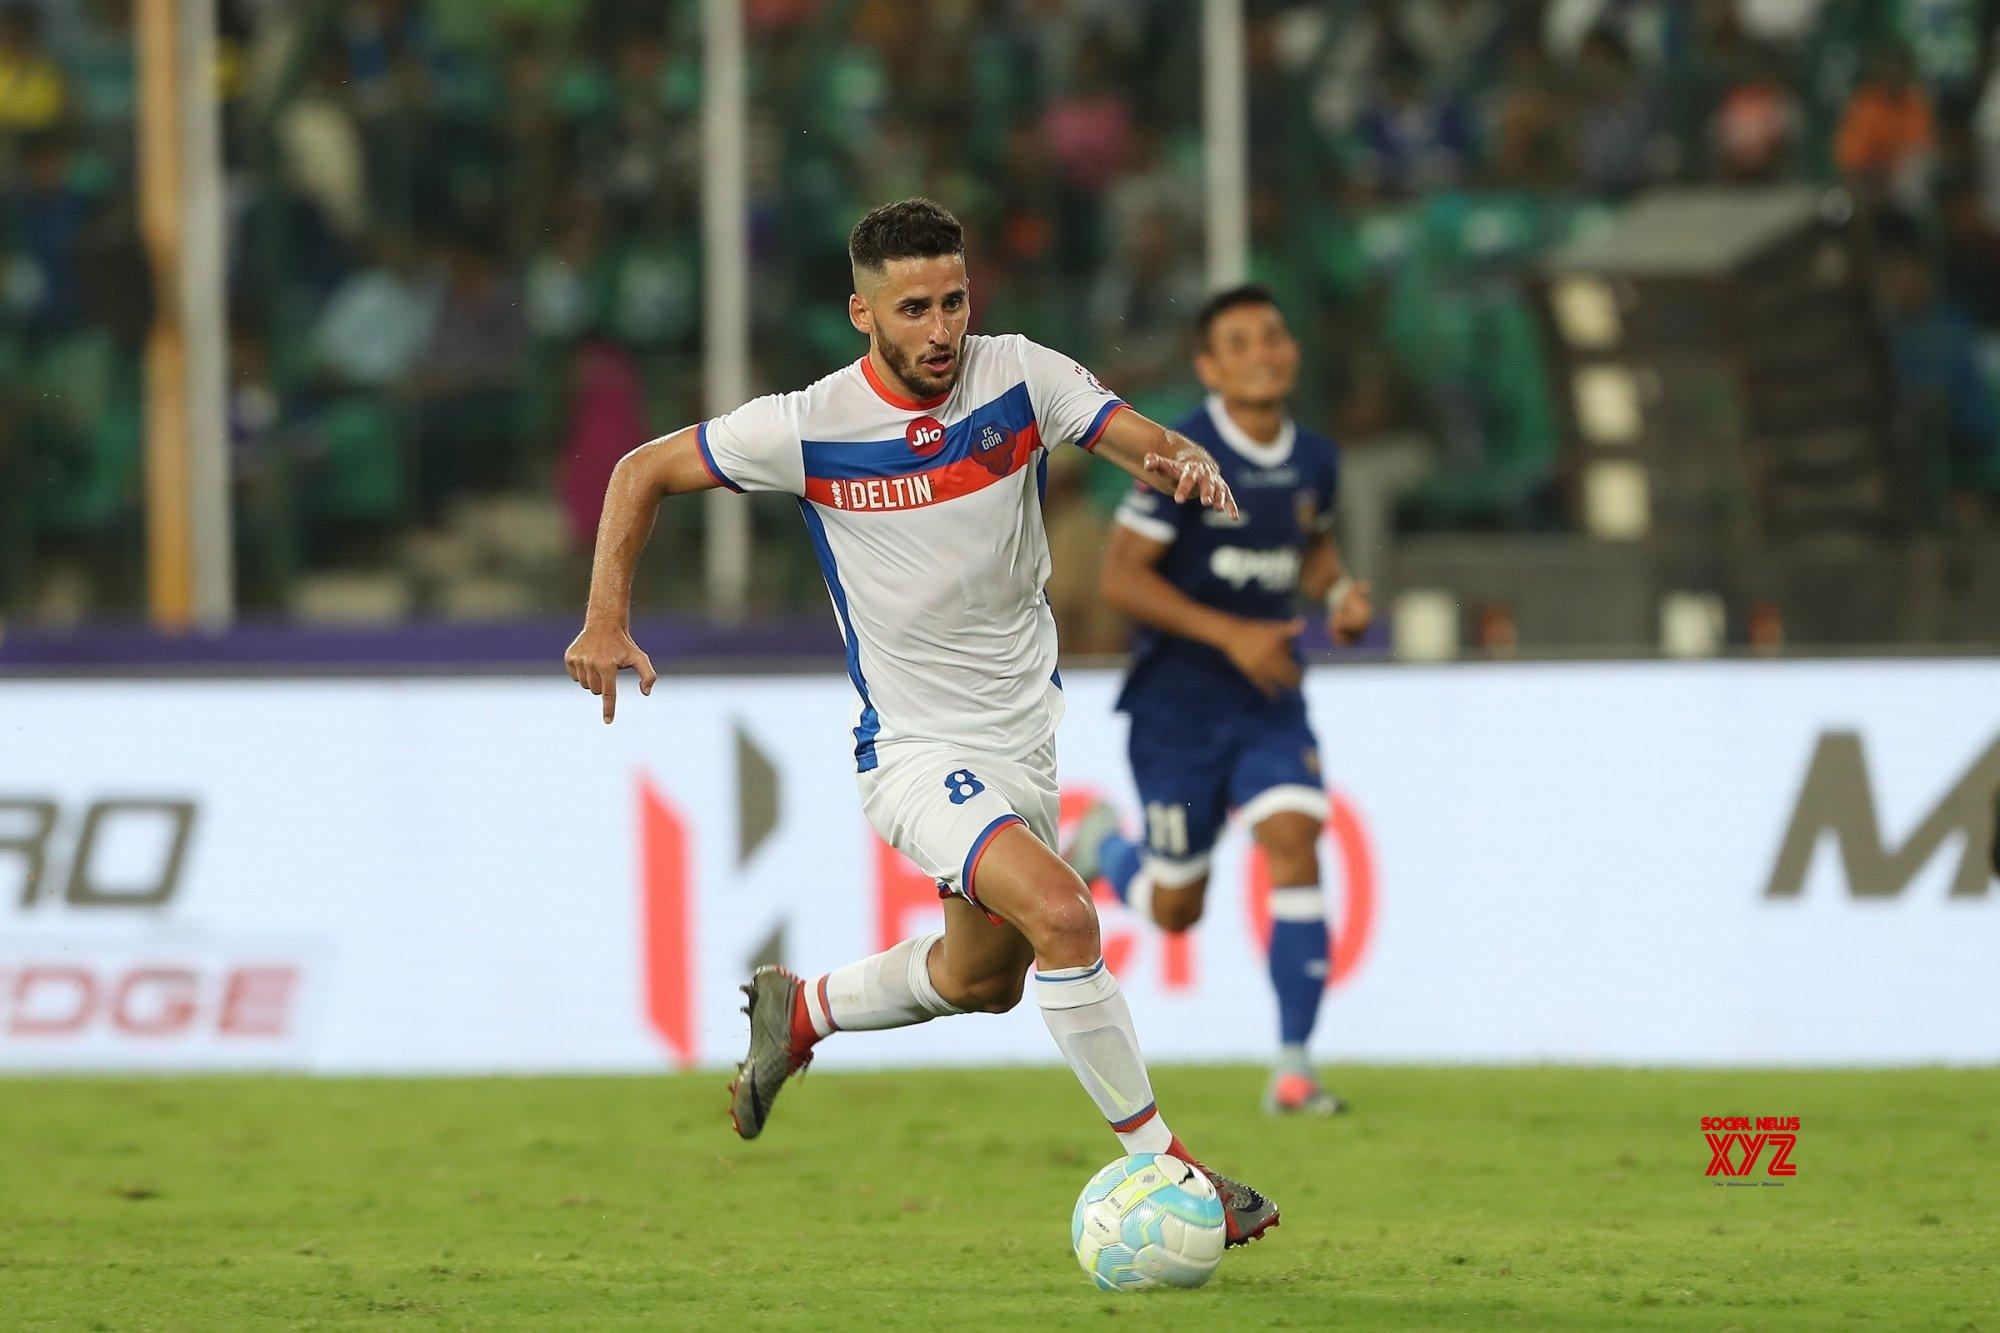 FC Goa's Coro named ISL 'Hero of the Month' for December